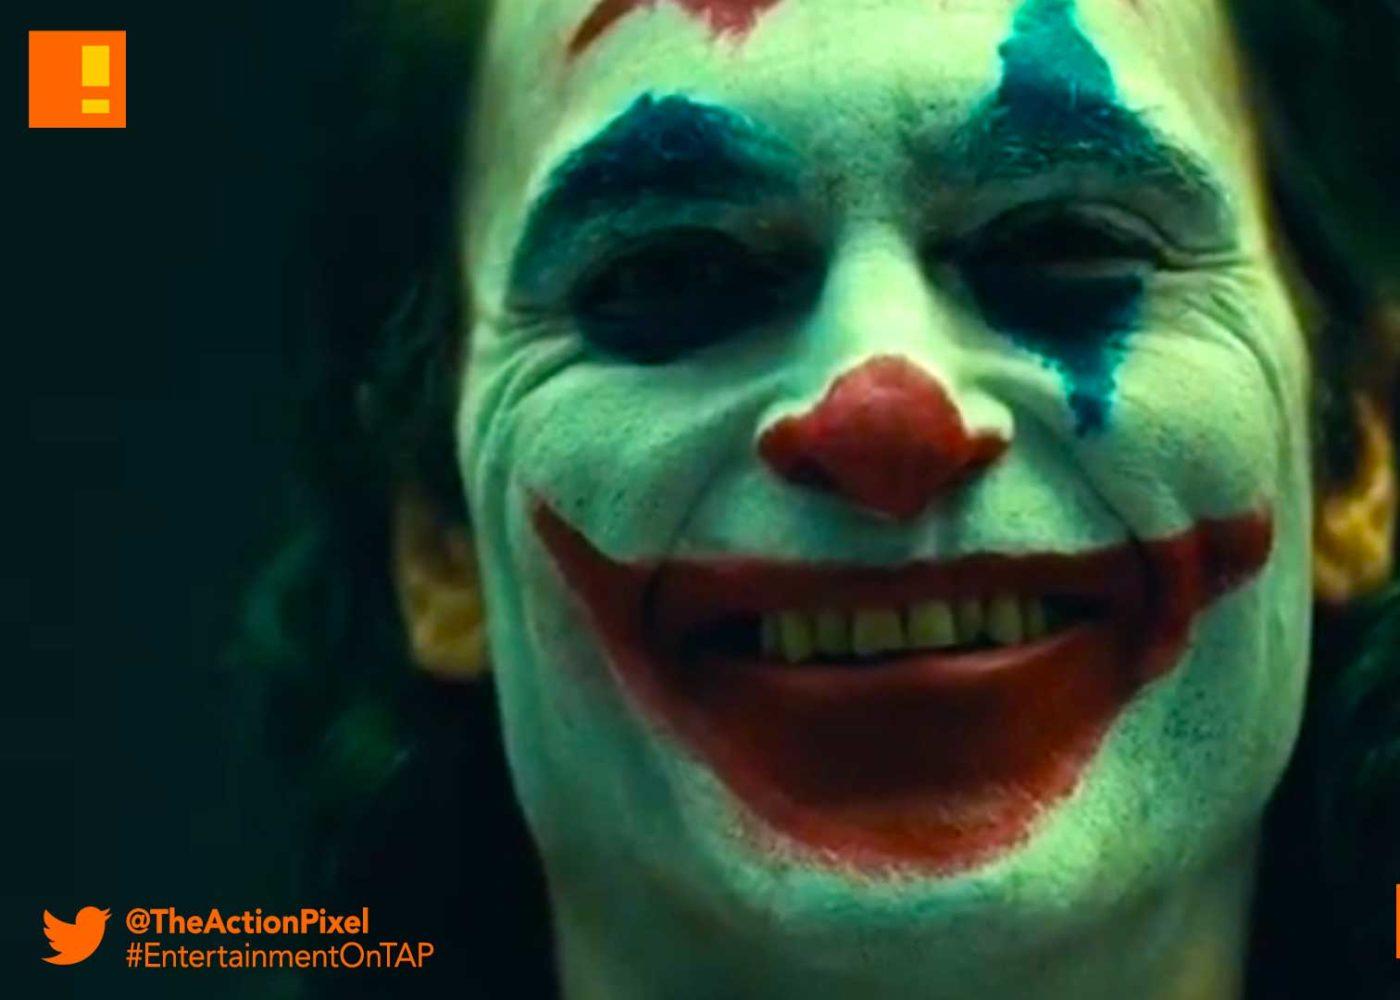 phoenix, joaquin phoenix, joker, casting ,joker origin film ,cast, warner bros. pictures, green lit, origin story, dc comics,dcu,the action pixel,entertainment on tap